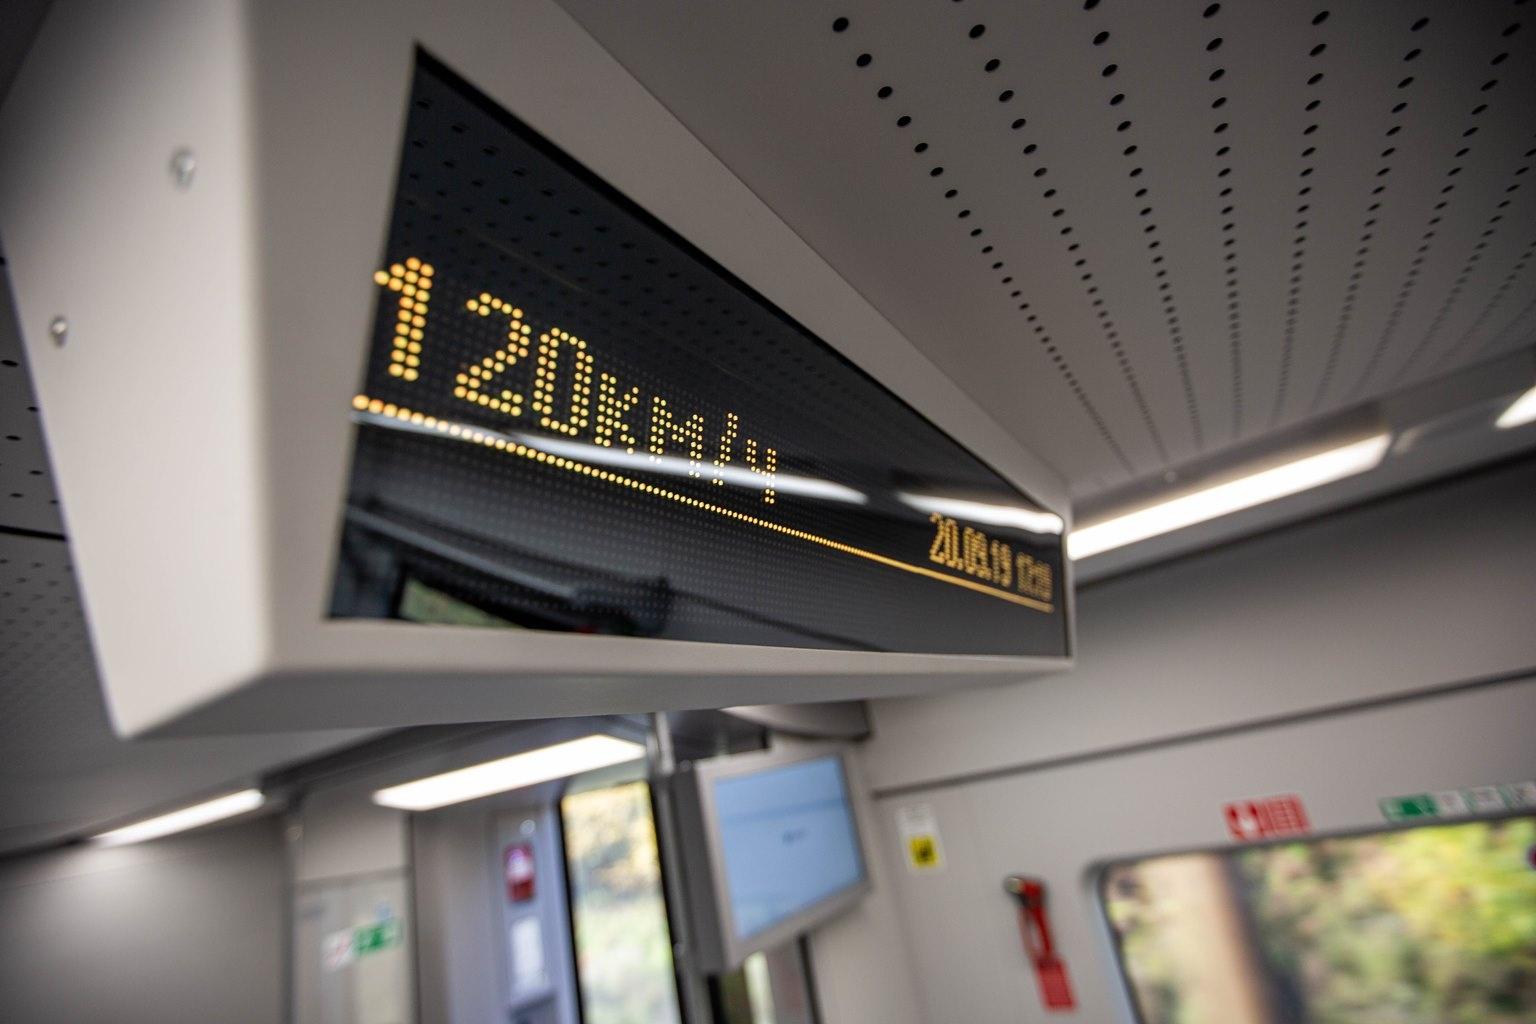 Из других развлечений в поезде — узкое табло в каждом вагоне. На нём показывают температуру воздуха внутри и снаружи, а также скорость, с которой движется «Ласточка», в реальном времени. Вообще, её максимальная скорость 160 км/ч, но, как замечают эксперты, далеко не вся железнодорожная инфраструктура готова выдержать такие скорости